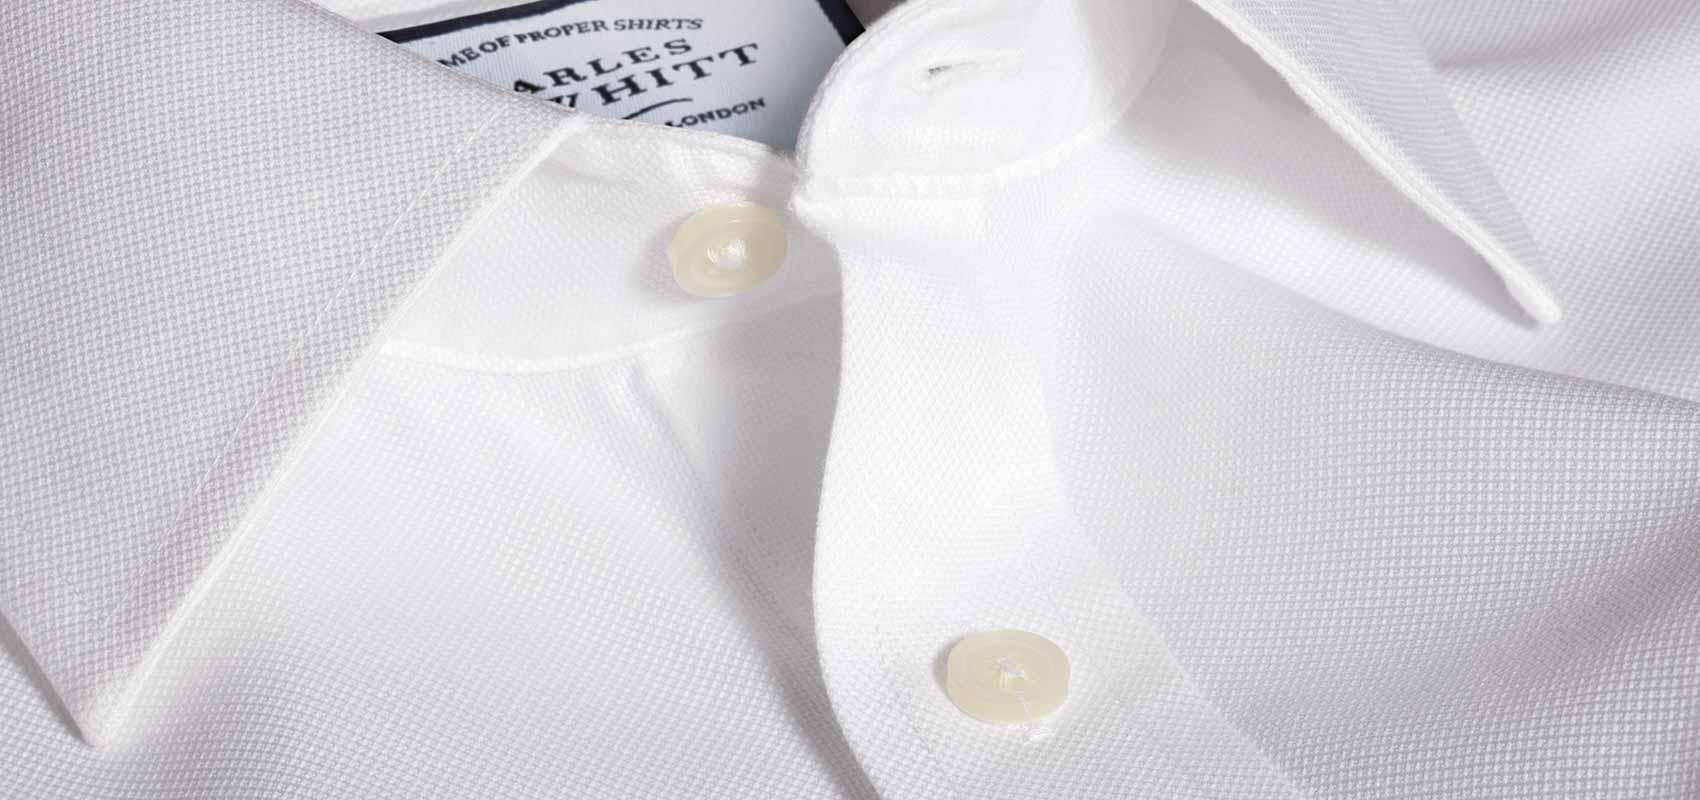 Charles Tyrwhitt white shirts